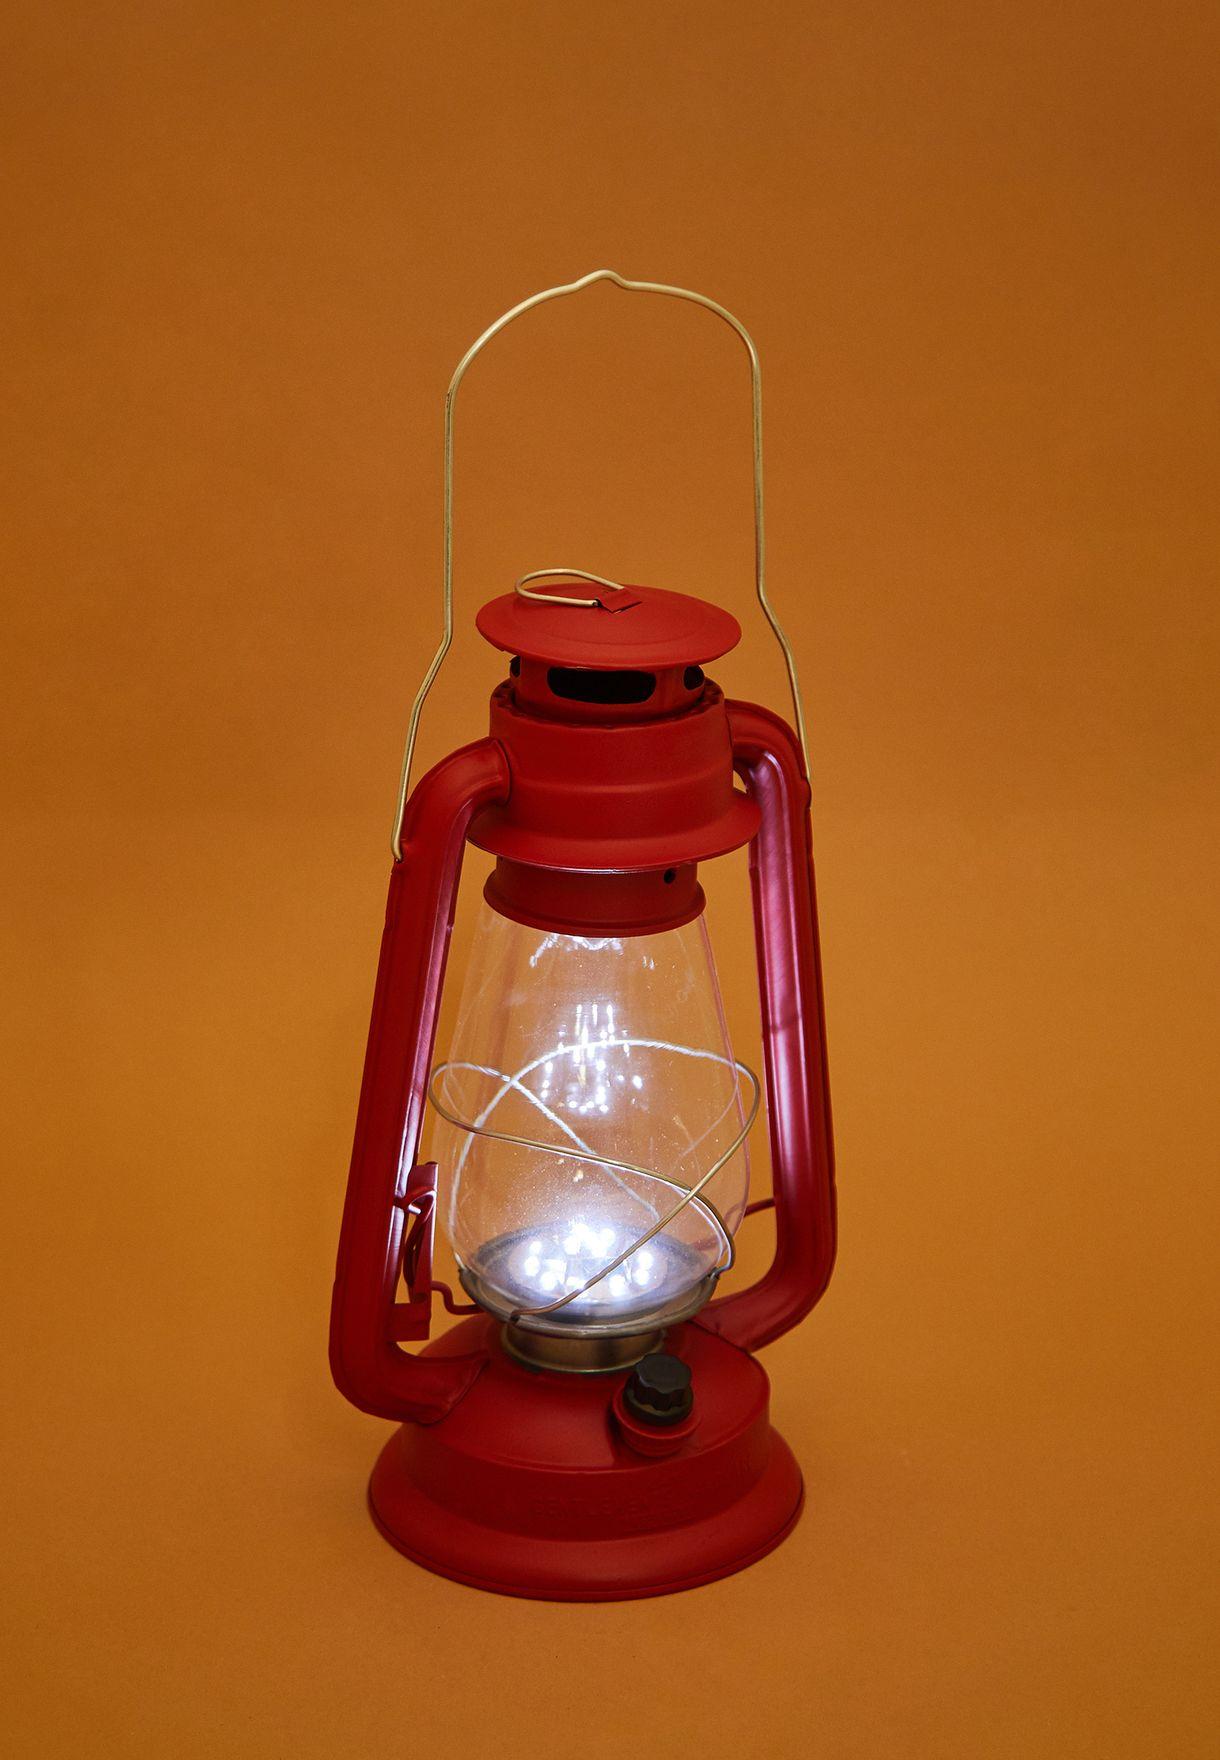 Outdoor Hurricane Lamp